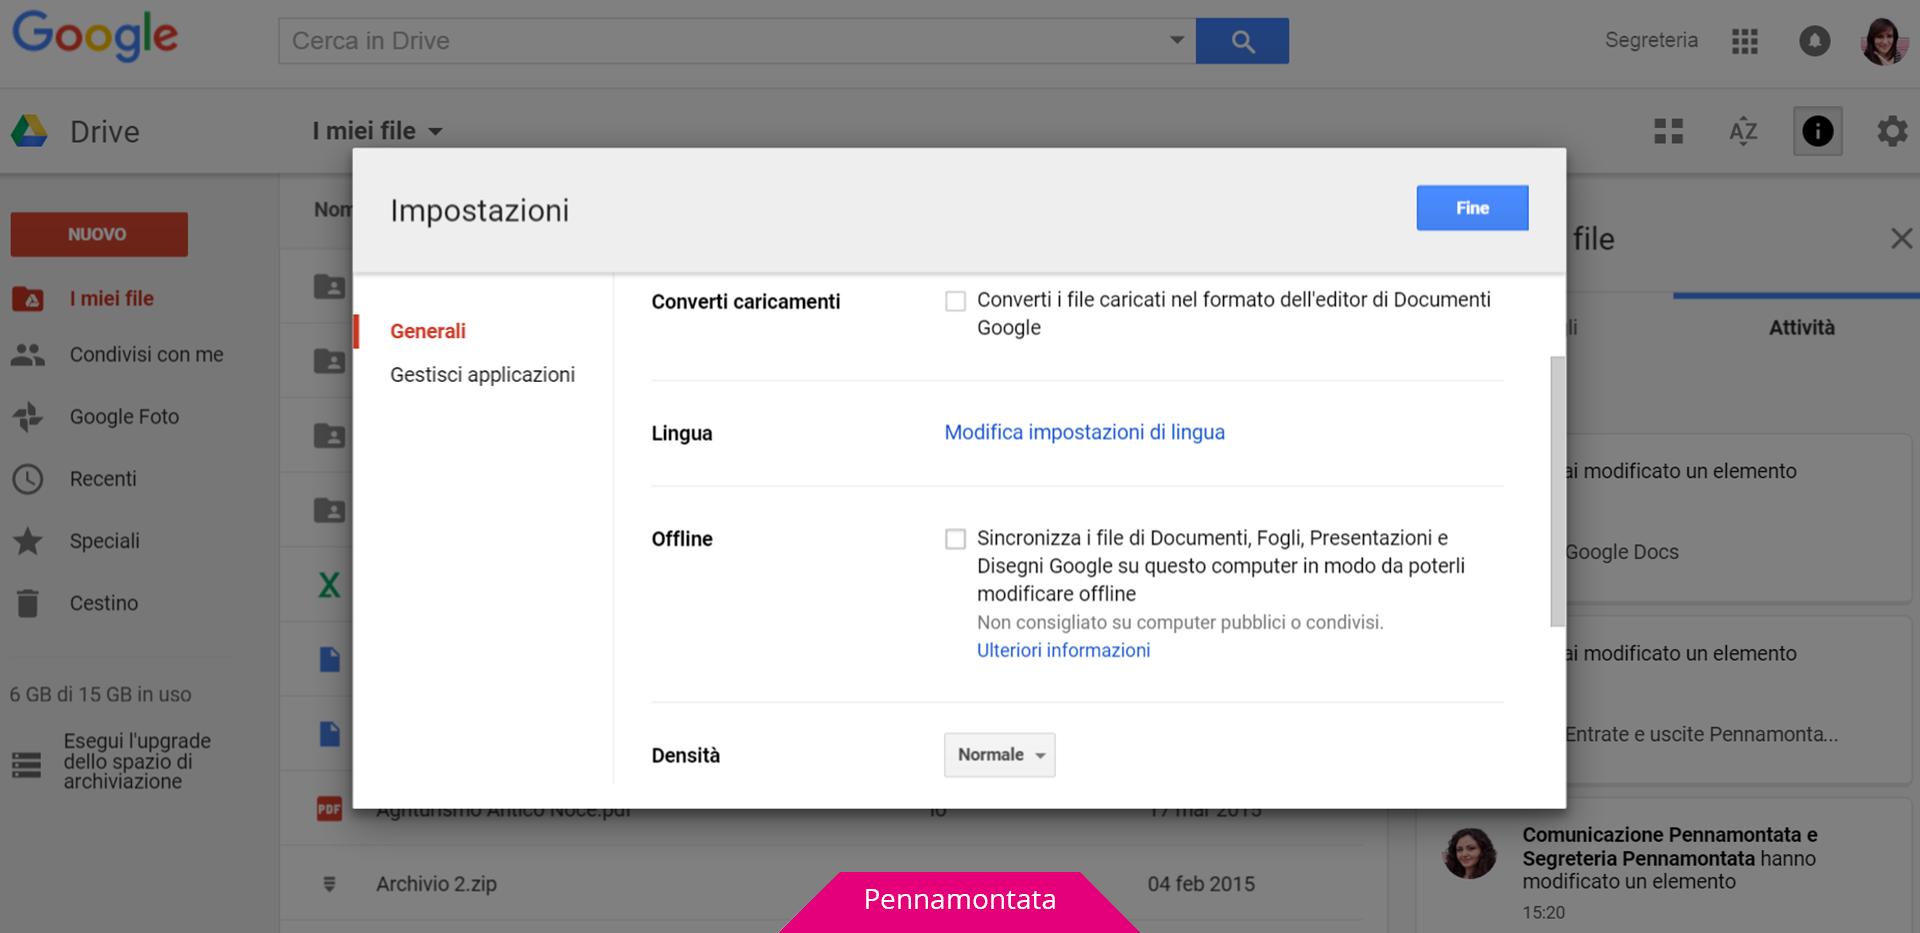 Google Docs lavorare modalità offline